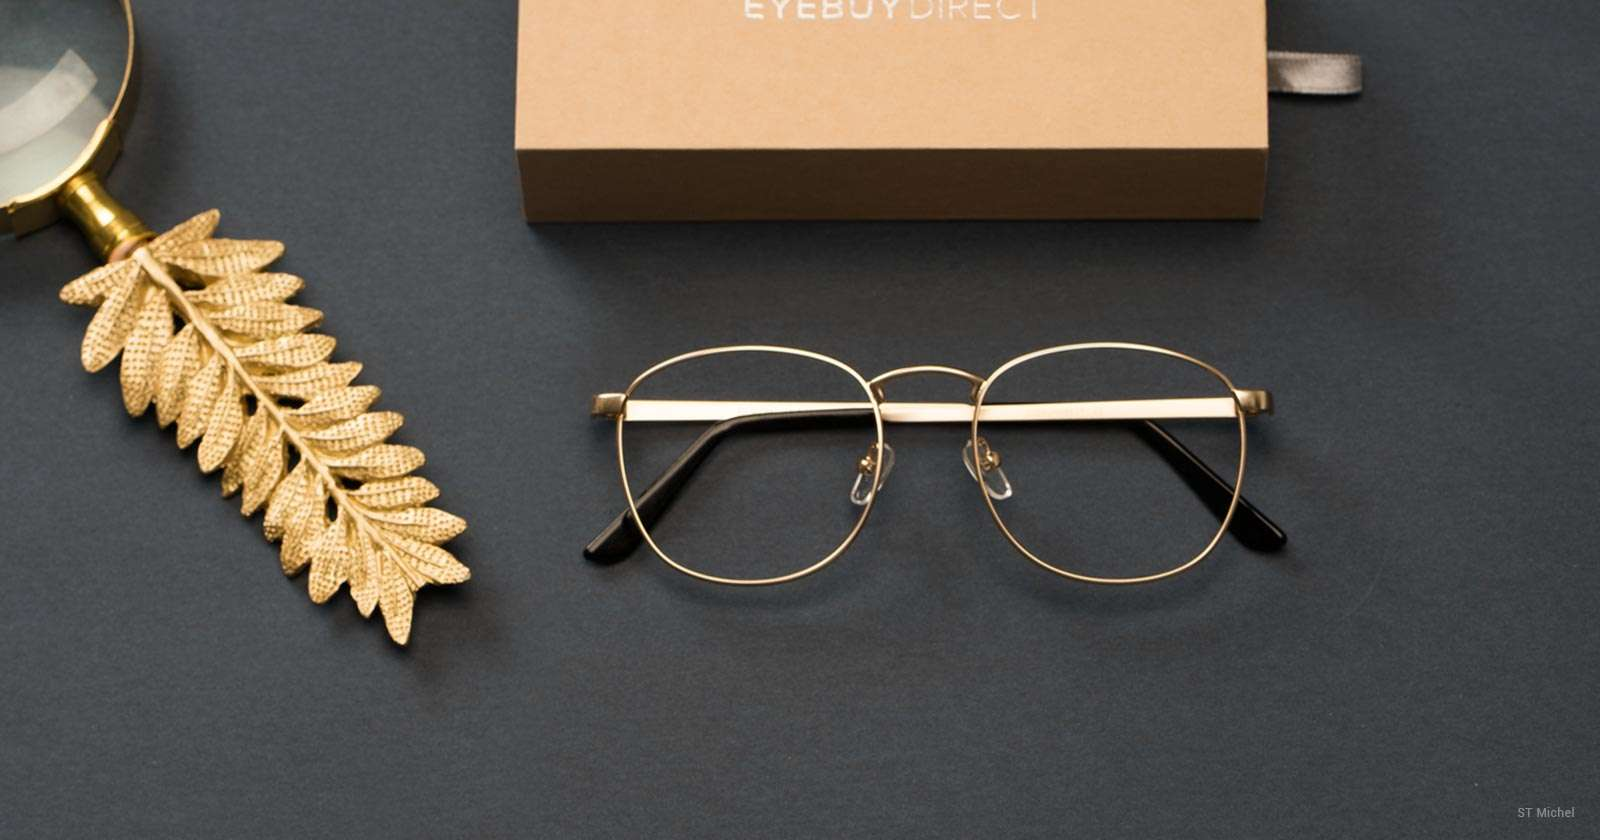 6bd186e08a Multi Focus Reading Glasses